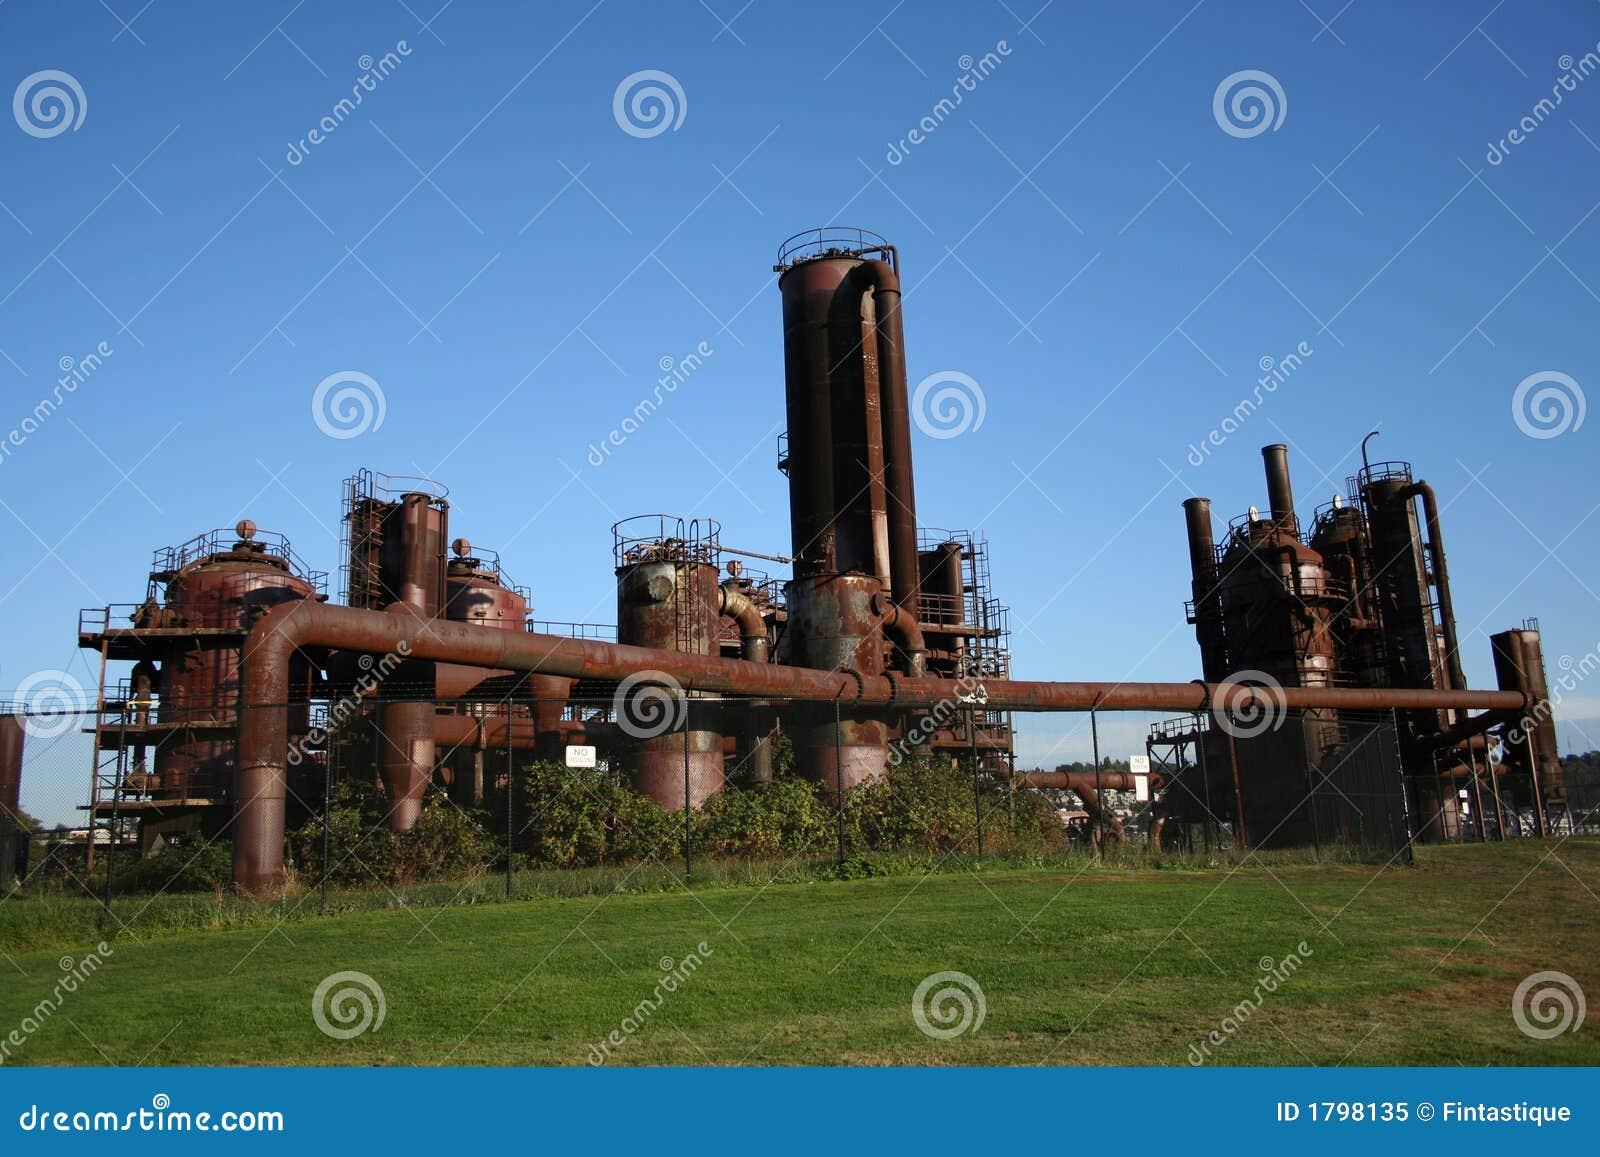 Ancienne usine gaz photo libre de droits image 1798135 - Acheter ancienne usine ...